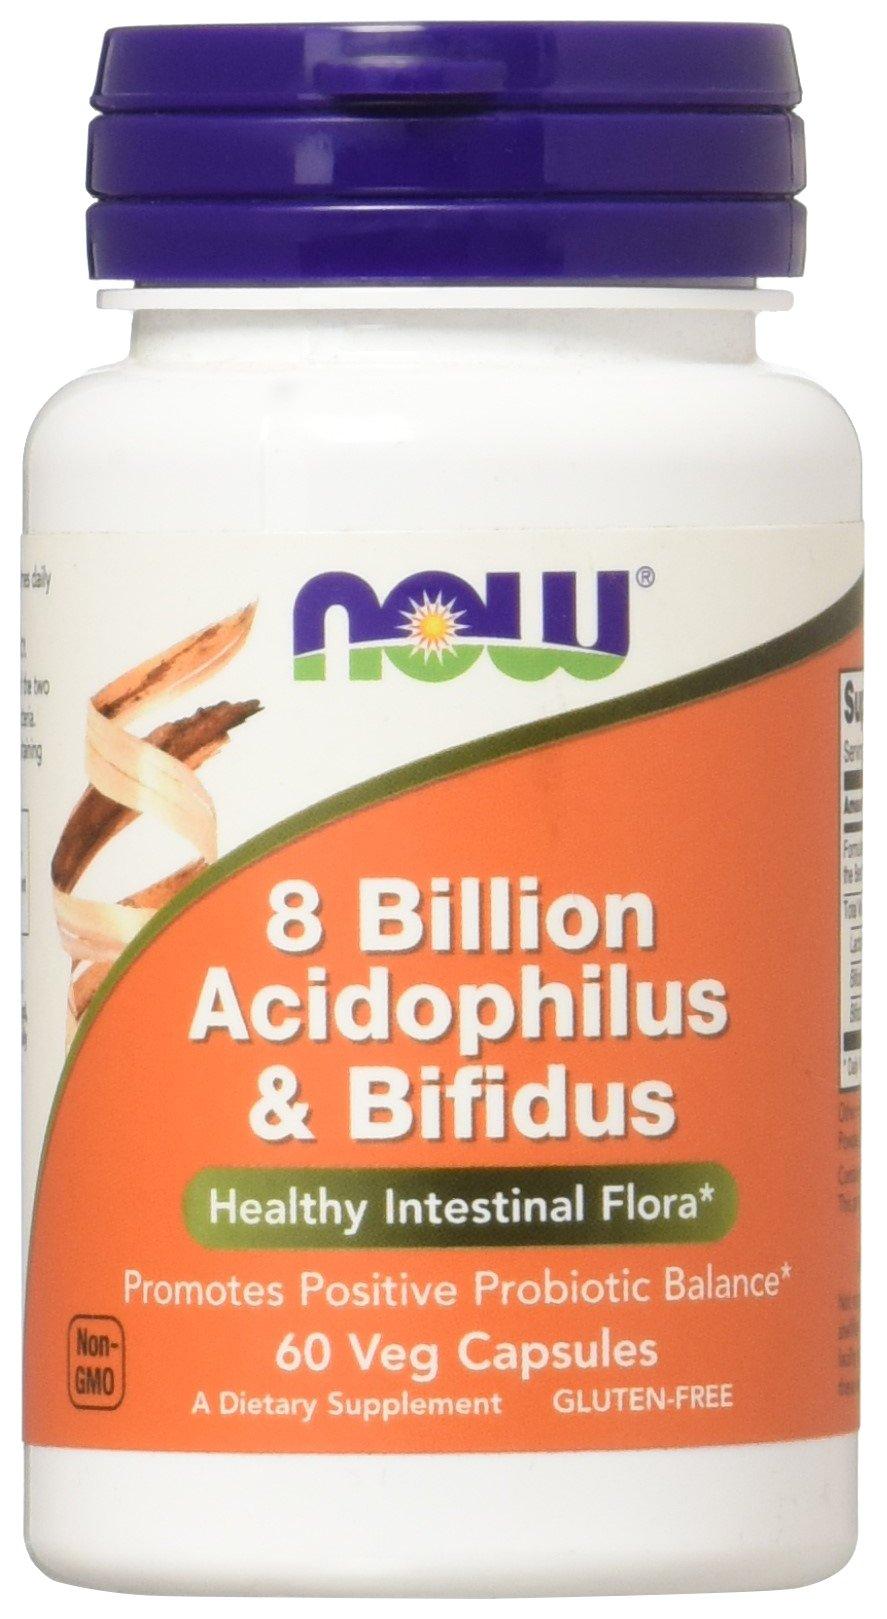 NOW Foods Acidophilus & Bifidus 8 Billion VCaps, 60 ct